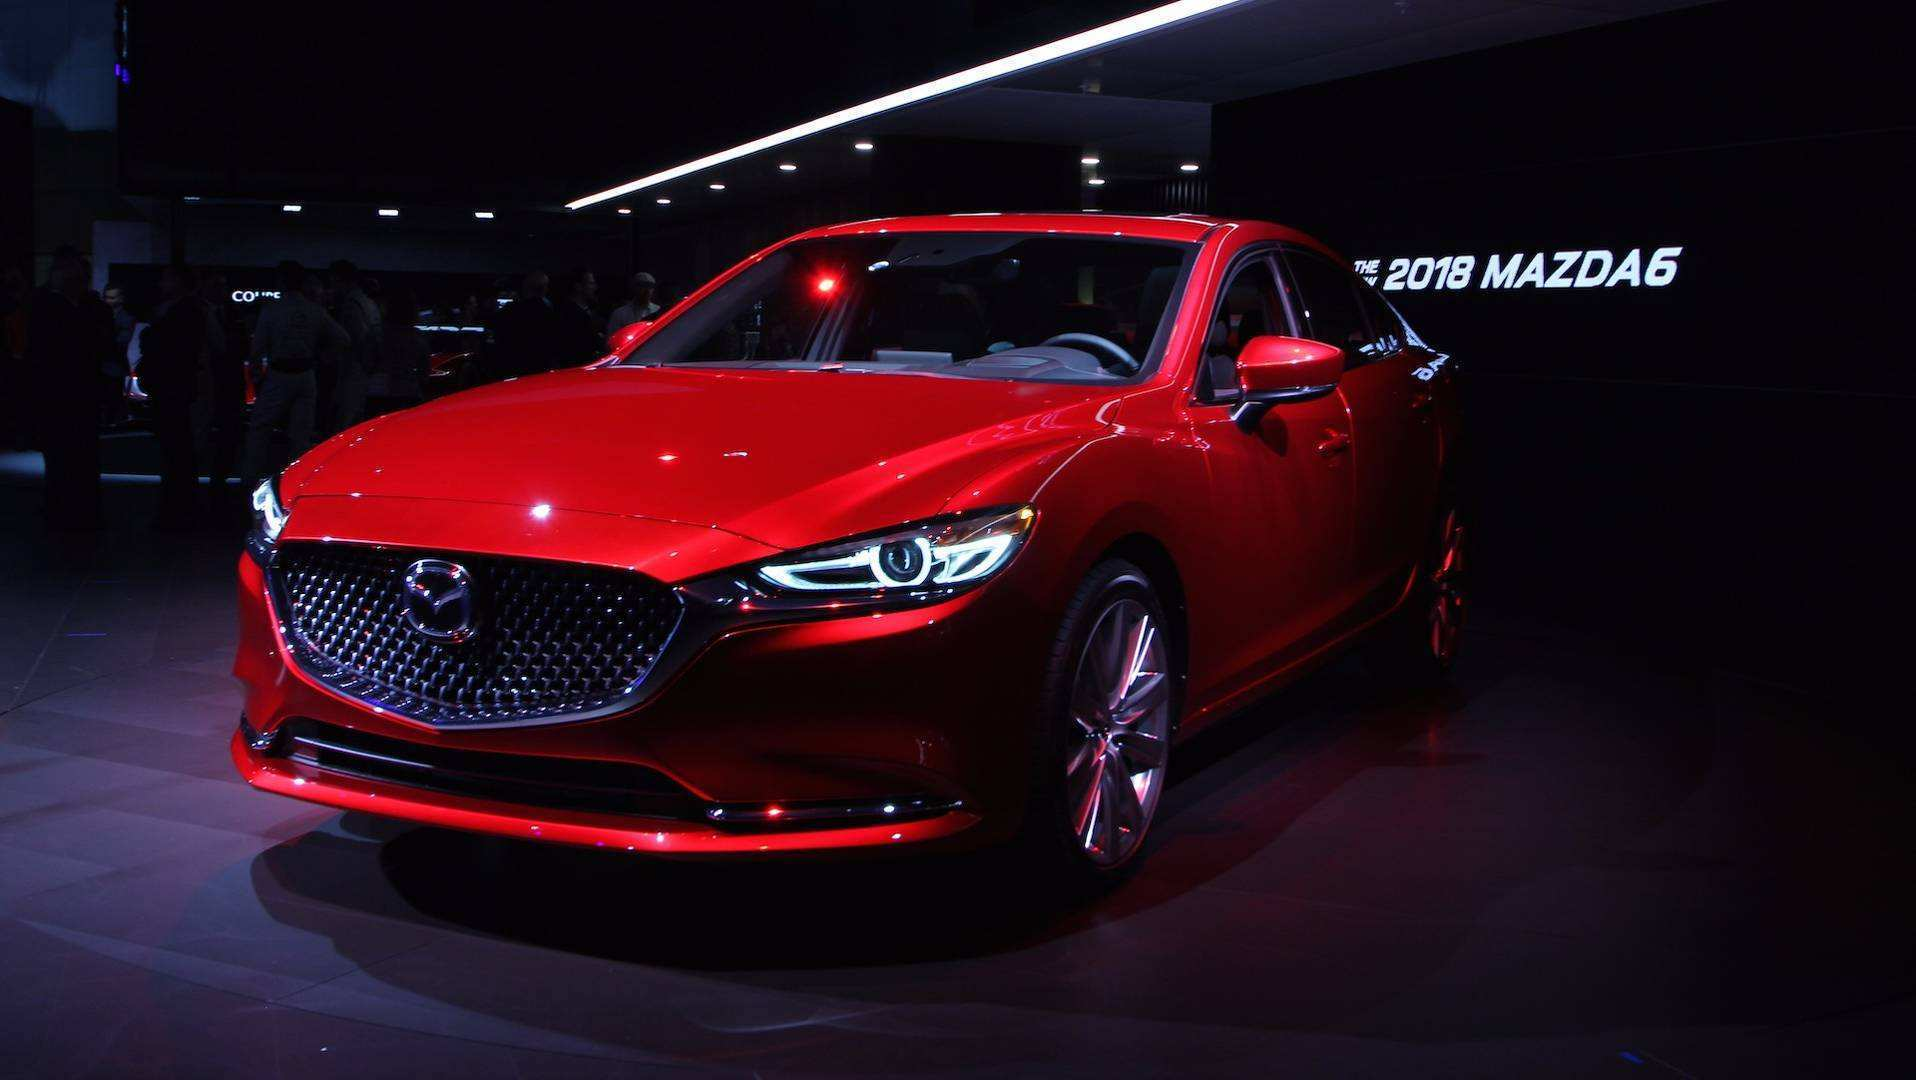 52 Gallery of Mazda 6 2020 Hp Redesign for Mazda 6 2020 Hp